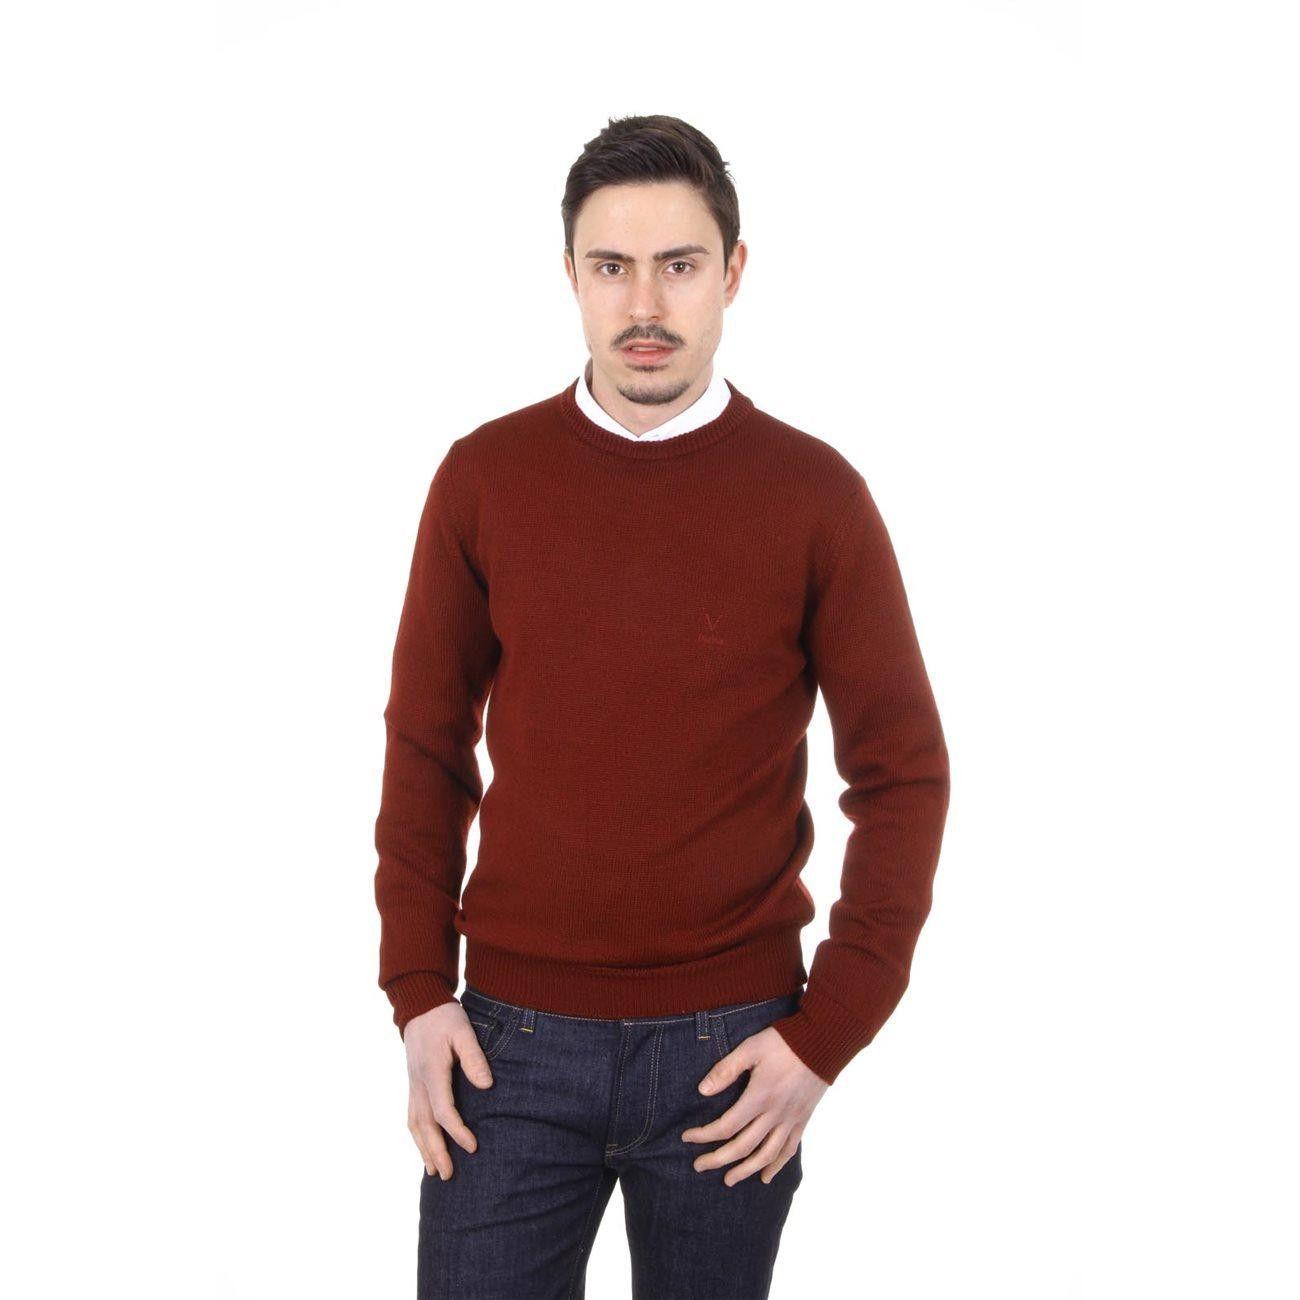 Versace 19.69 Abbigliamento Sportivo Milano mens round neck sweater 9802 GIROCOLLO BORDEAUX